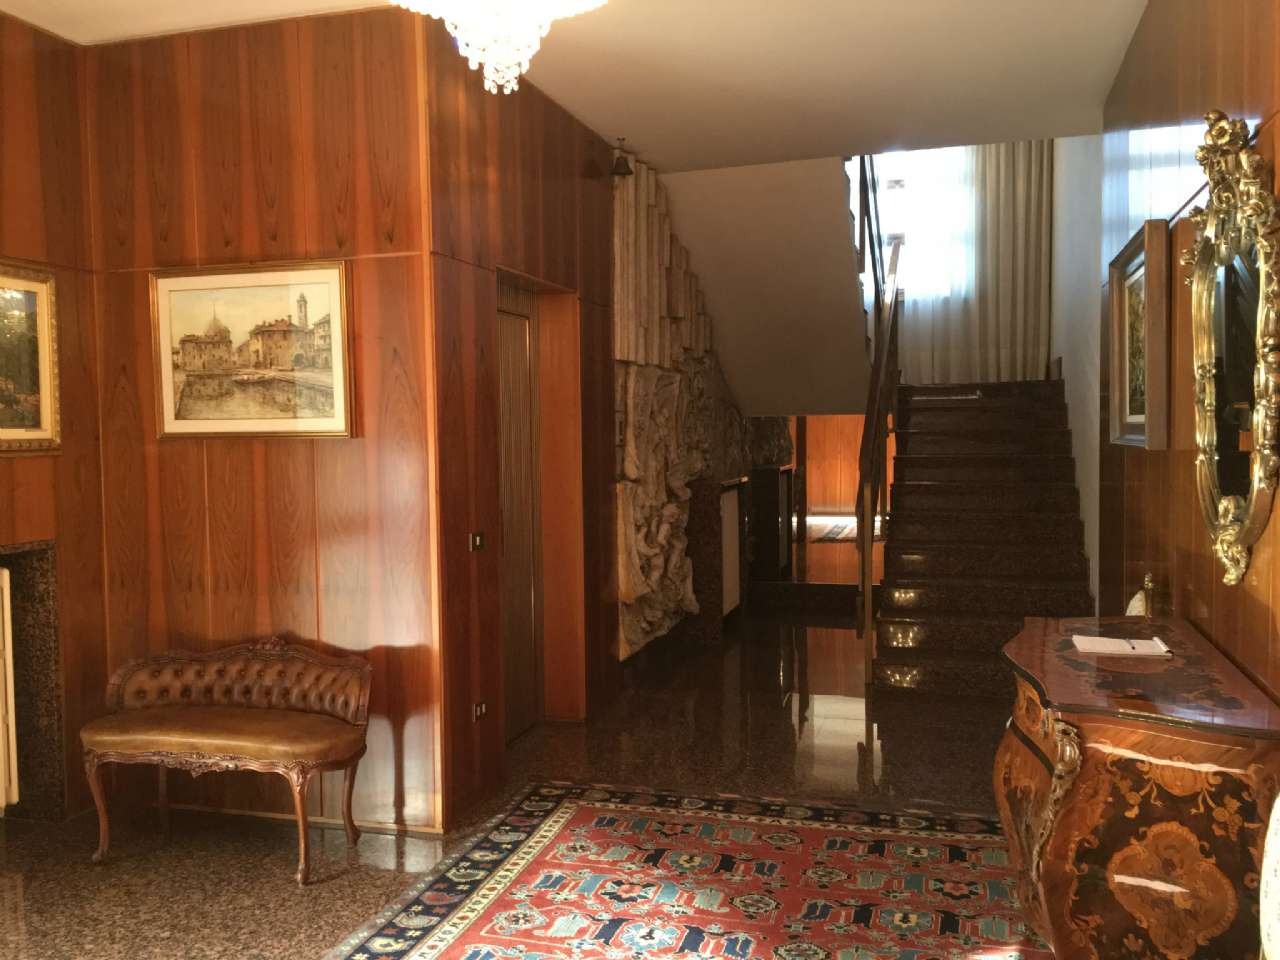 Villa Bifamiliare in zona Frati Minori